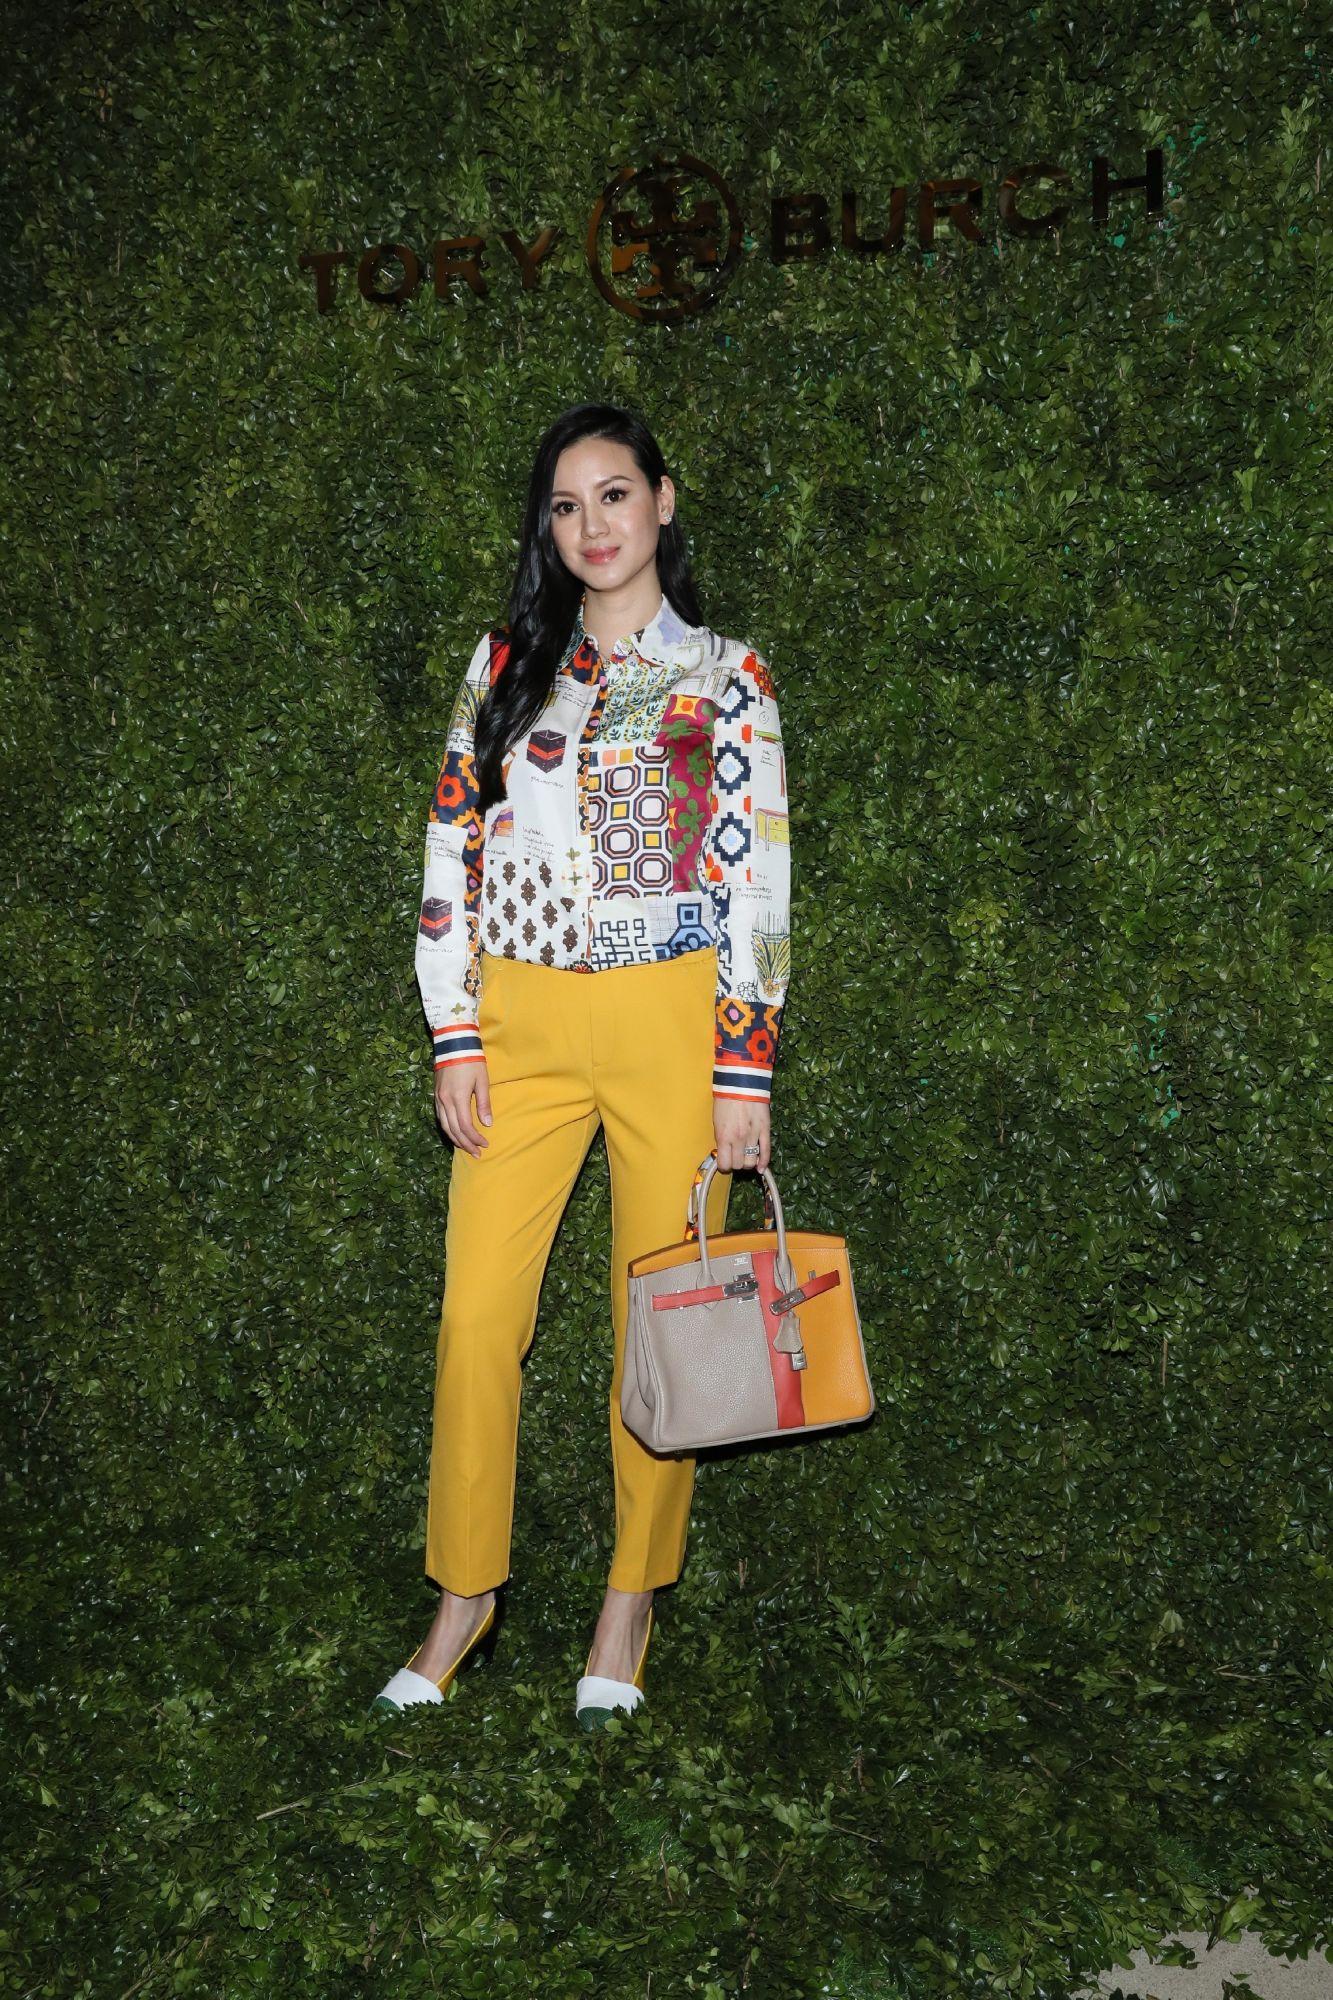 Emily Lam-Ho